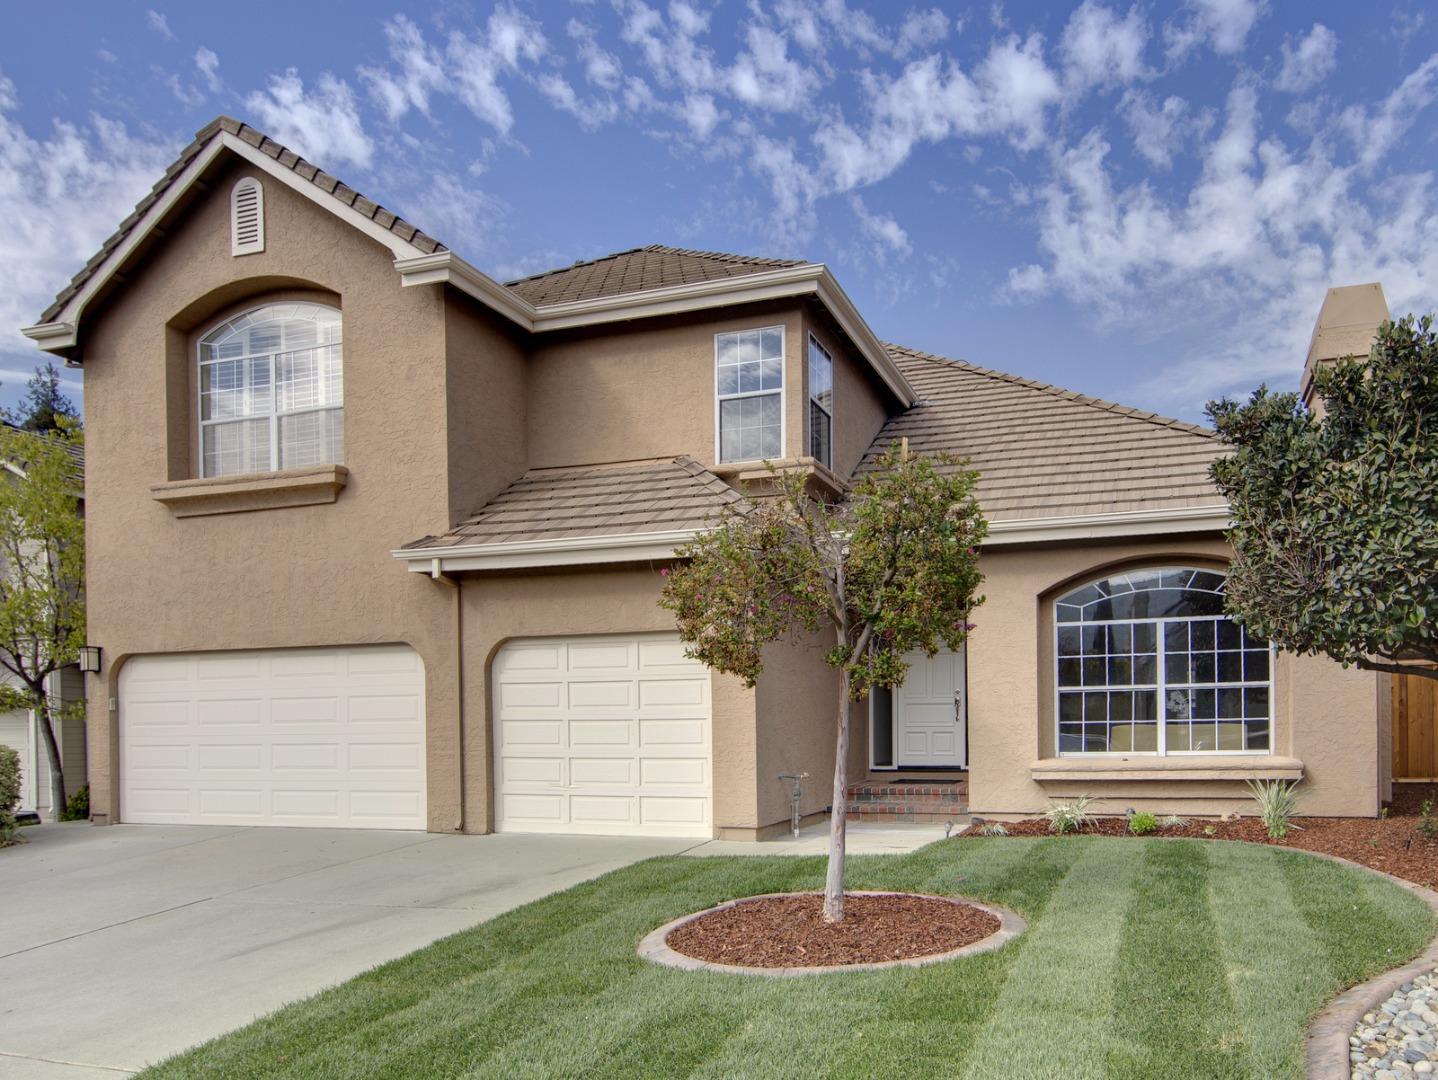 995 Hampswood Way, San Jose, CA 95120